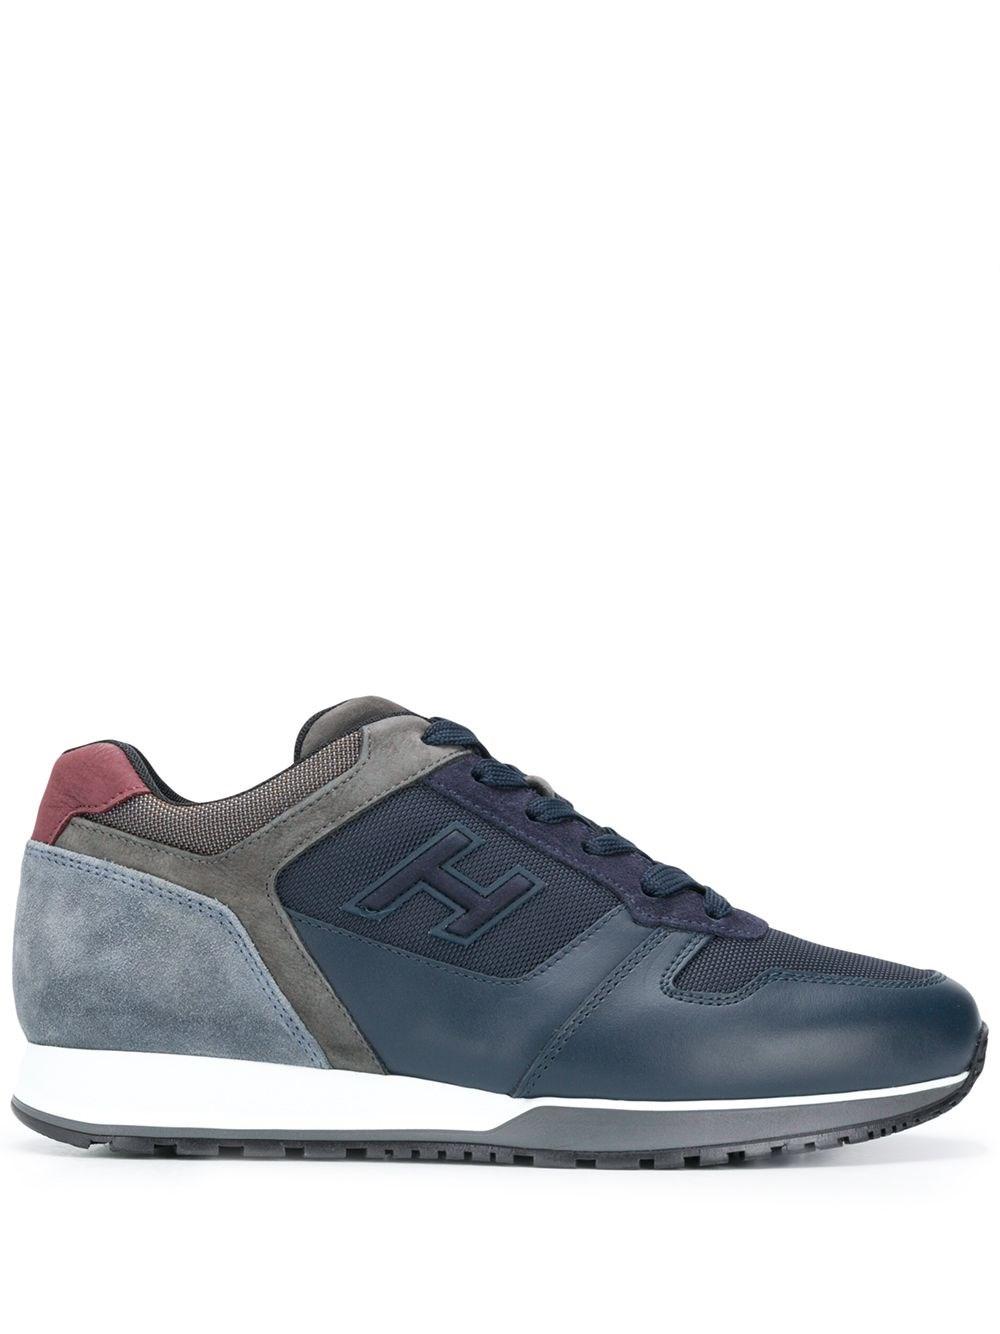 Hogan H321 H Flock Sneaker In Multi   ModeSens